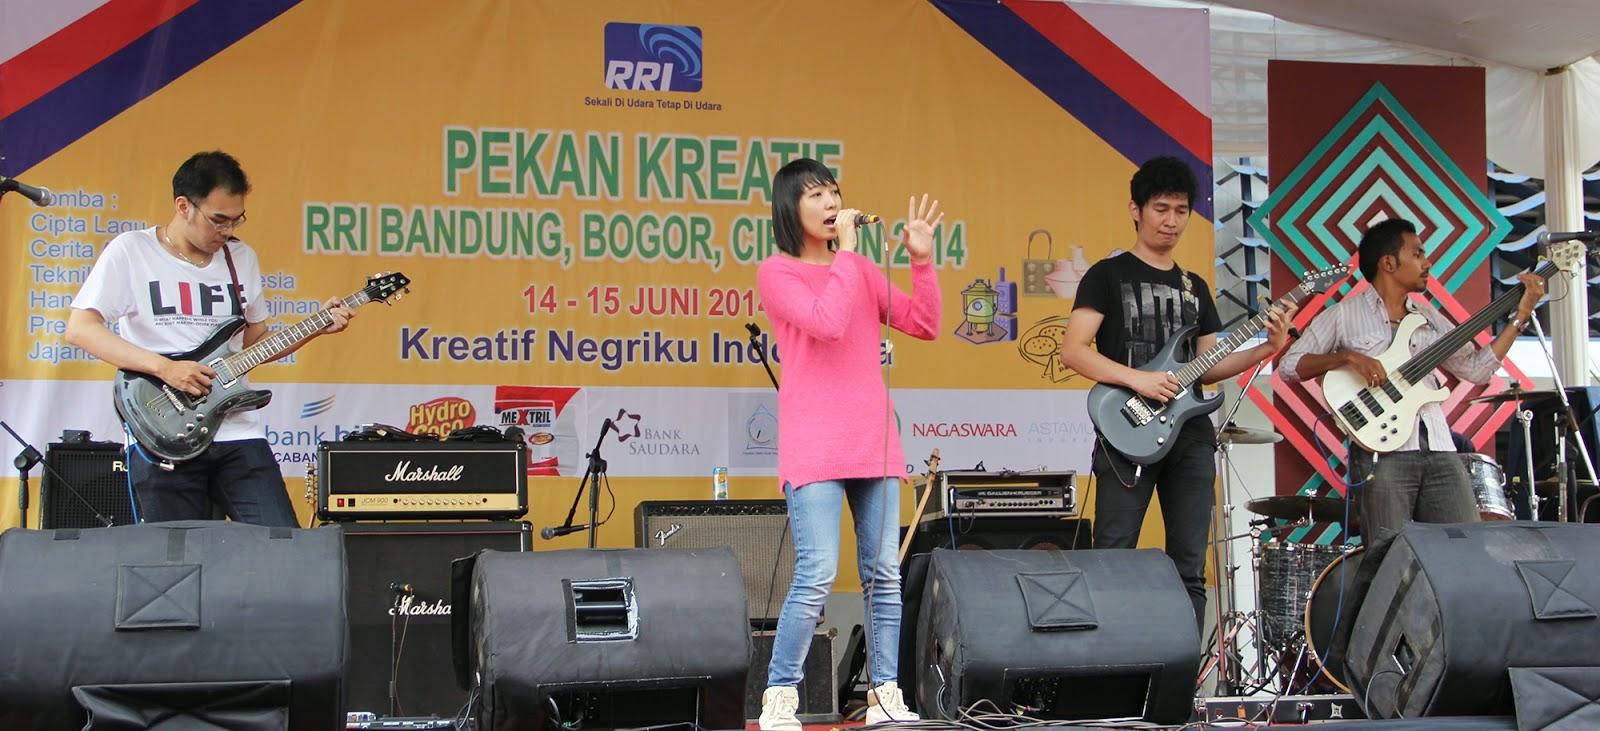 SYLVIA - Datanglah (RRI Produa 96FM Bandung)